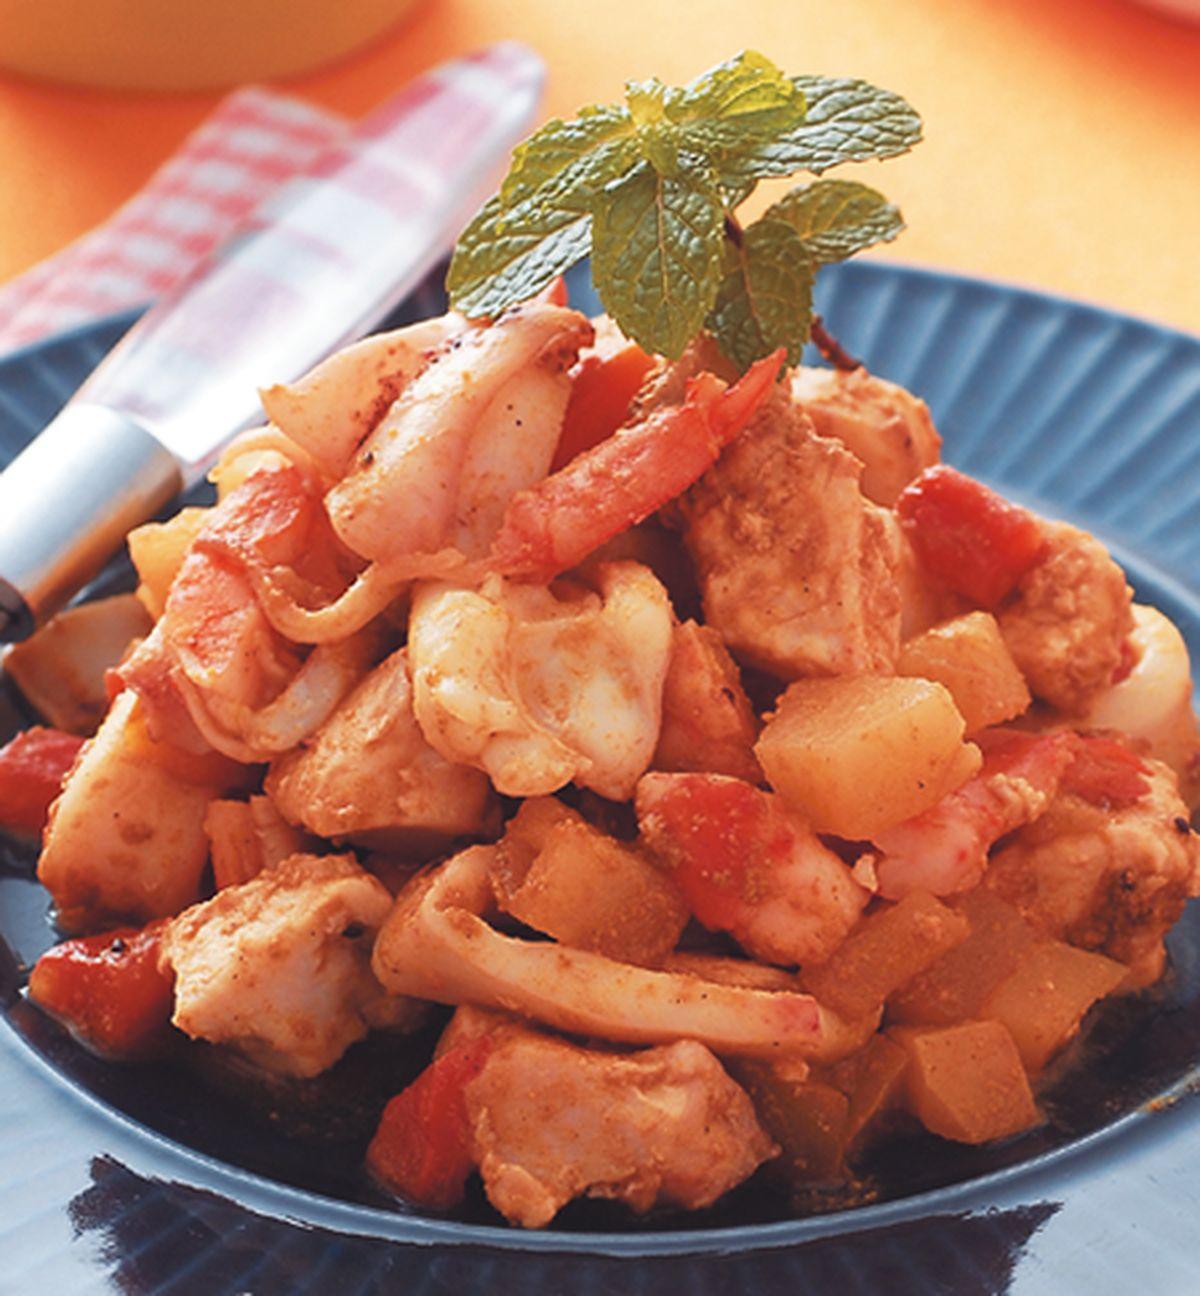 食譜:鮮果燒海鮮